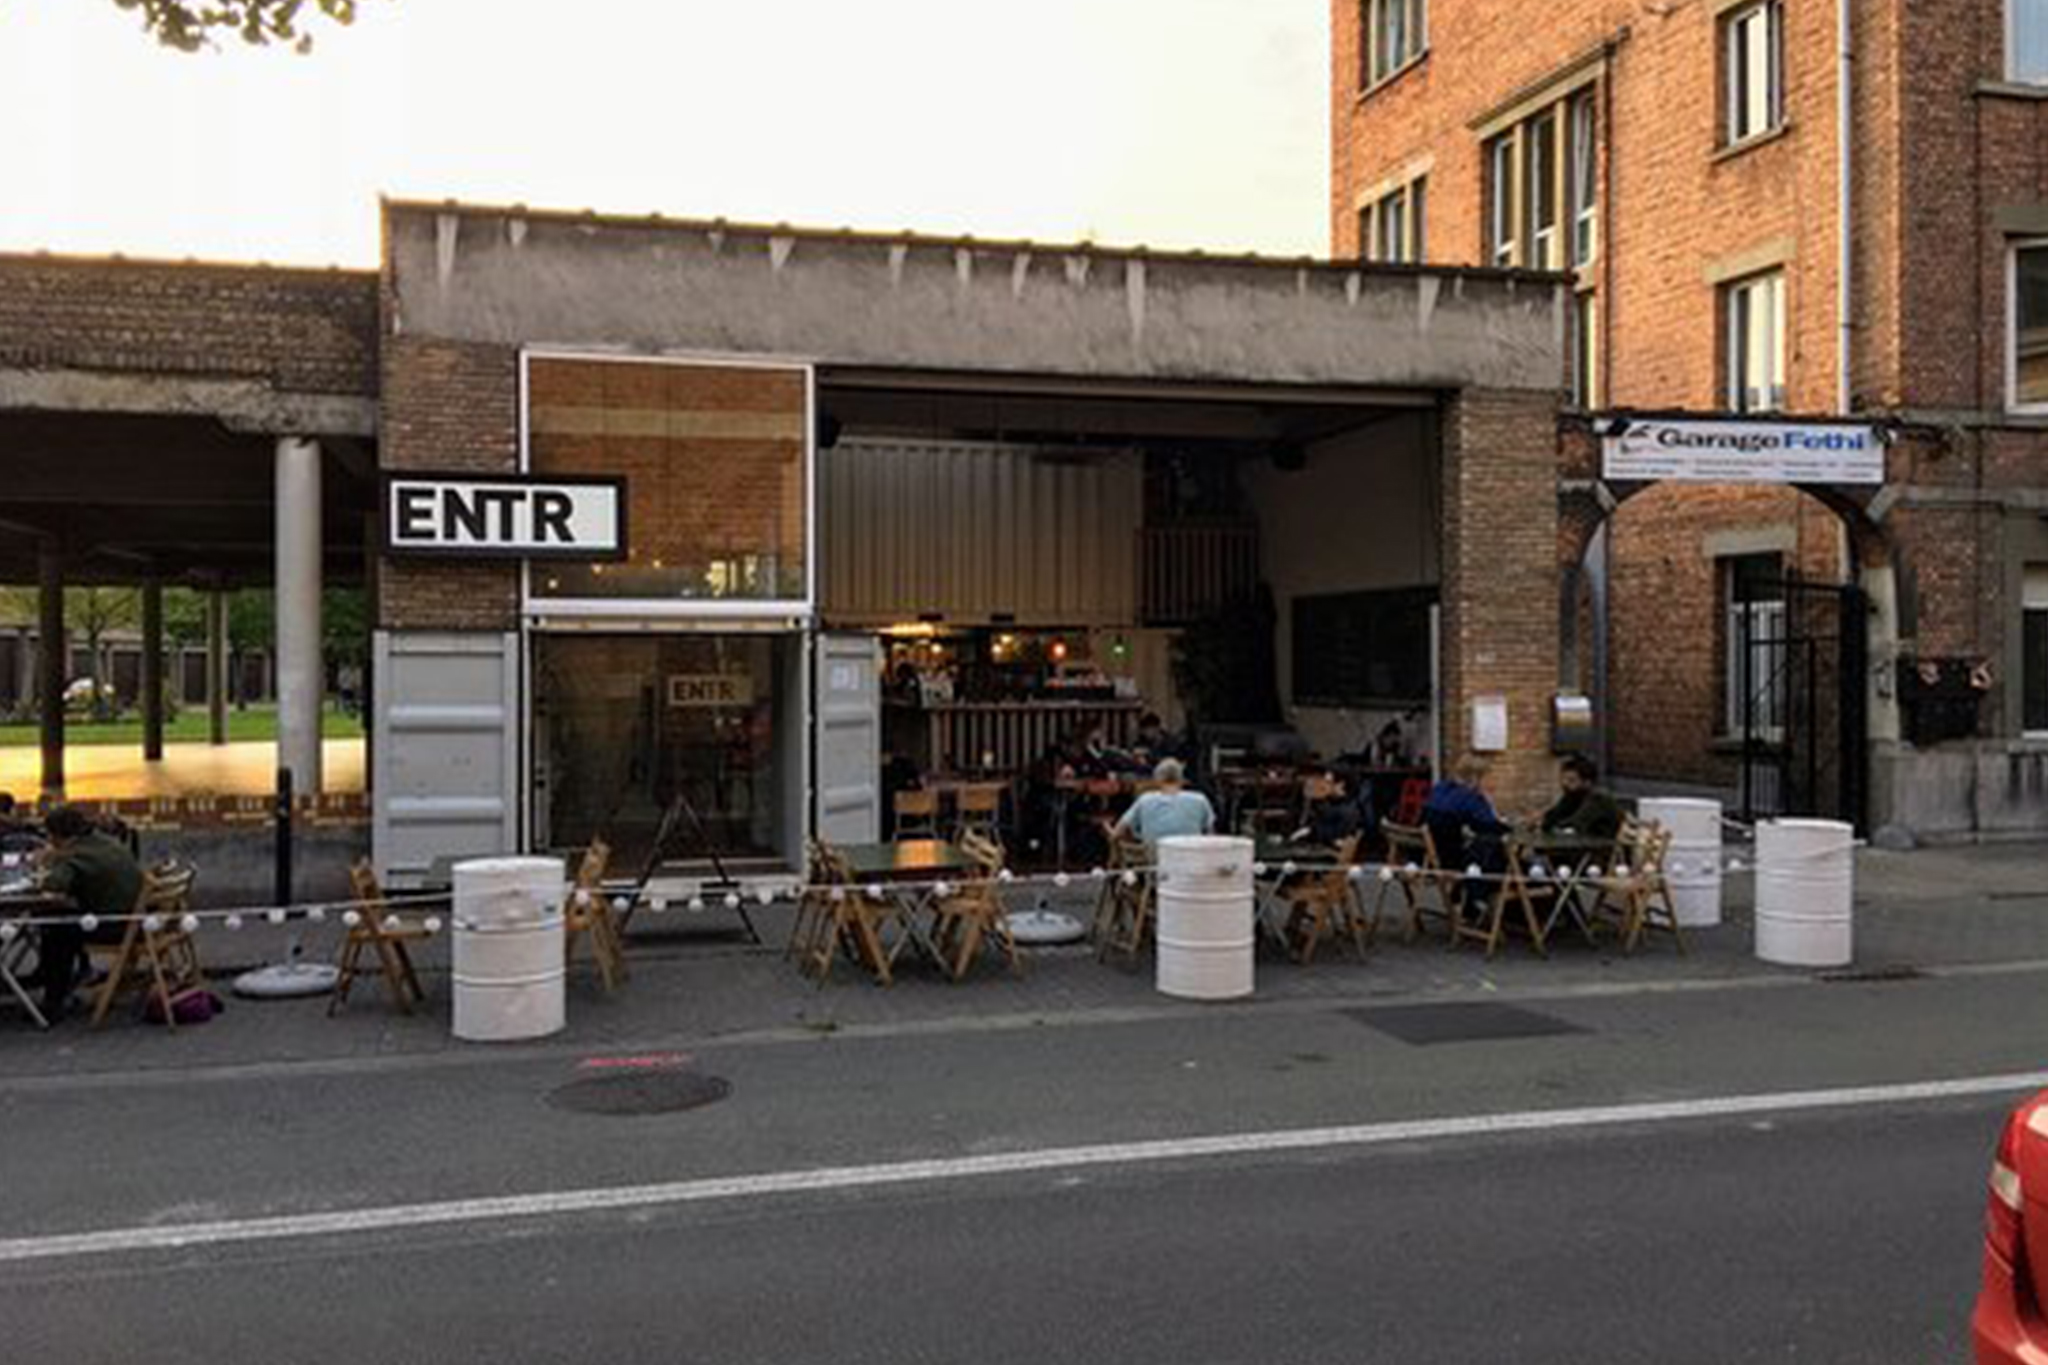 eetcafé ENTR